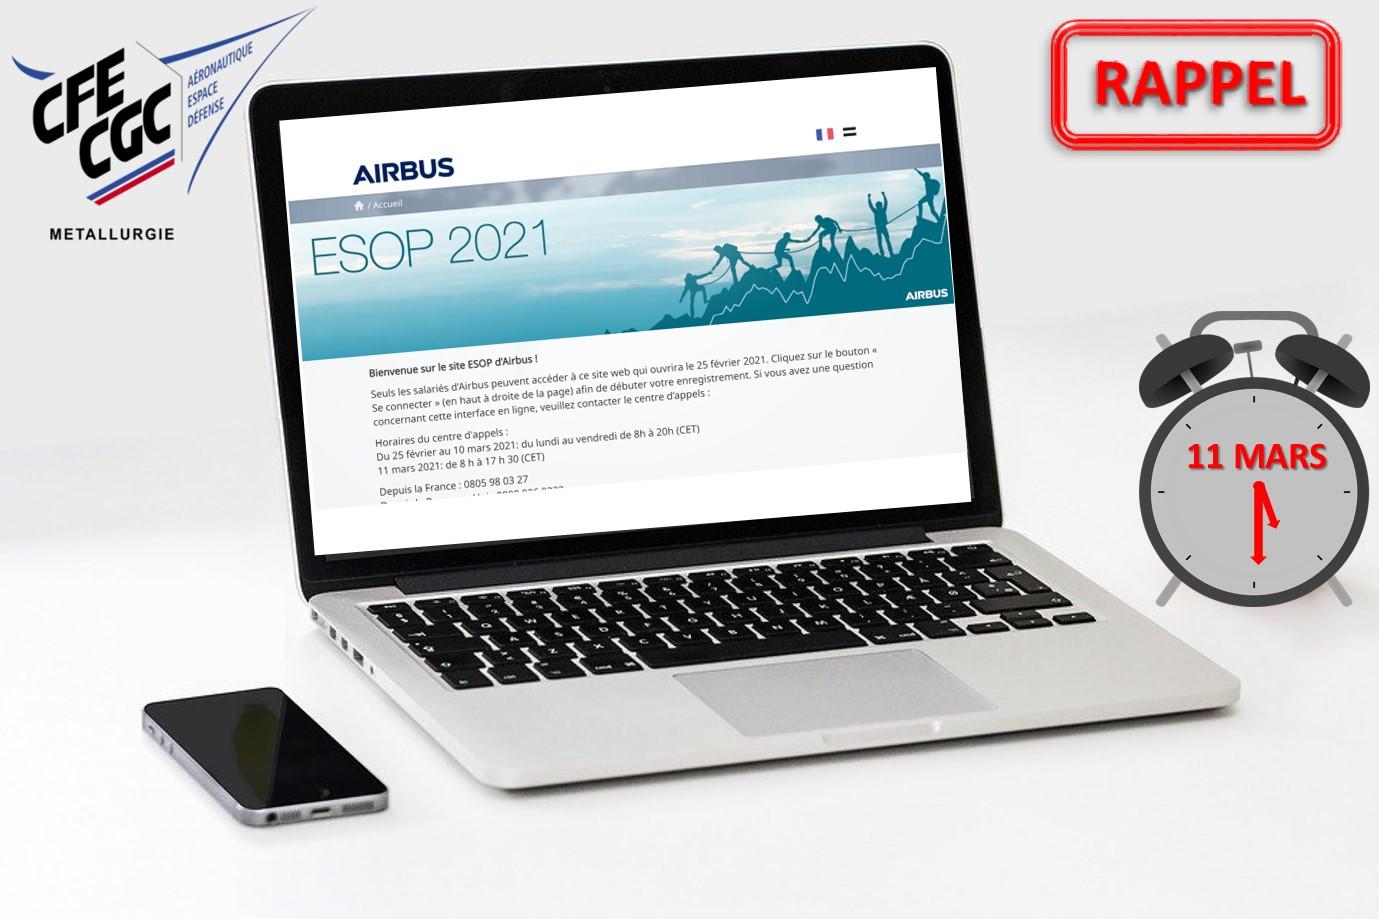 Airbus – Campagne Souscription ESOP 2021